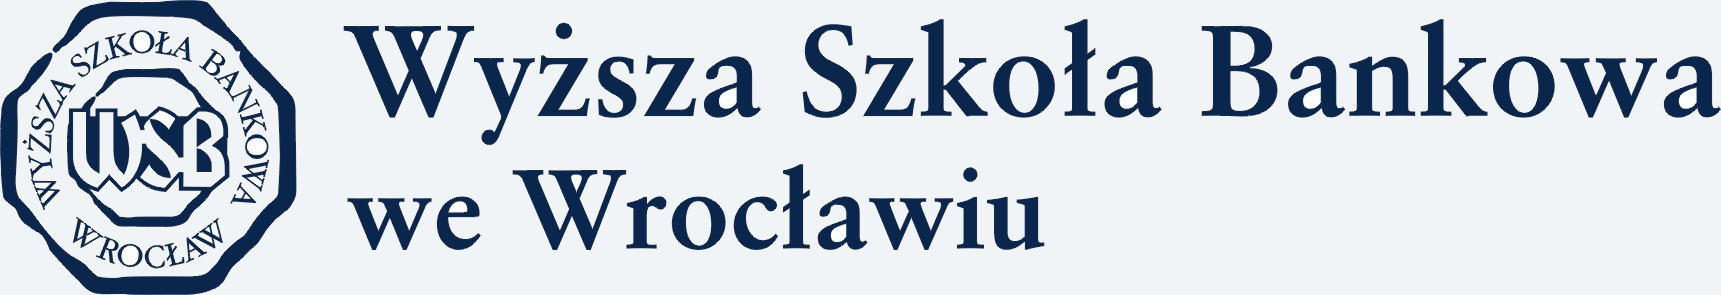 Znalezione obrazy dla zapytania wyższa szkoła bankowa we wrocławiu